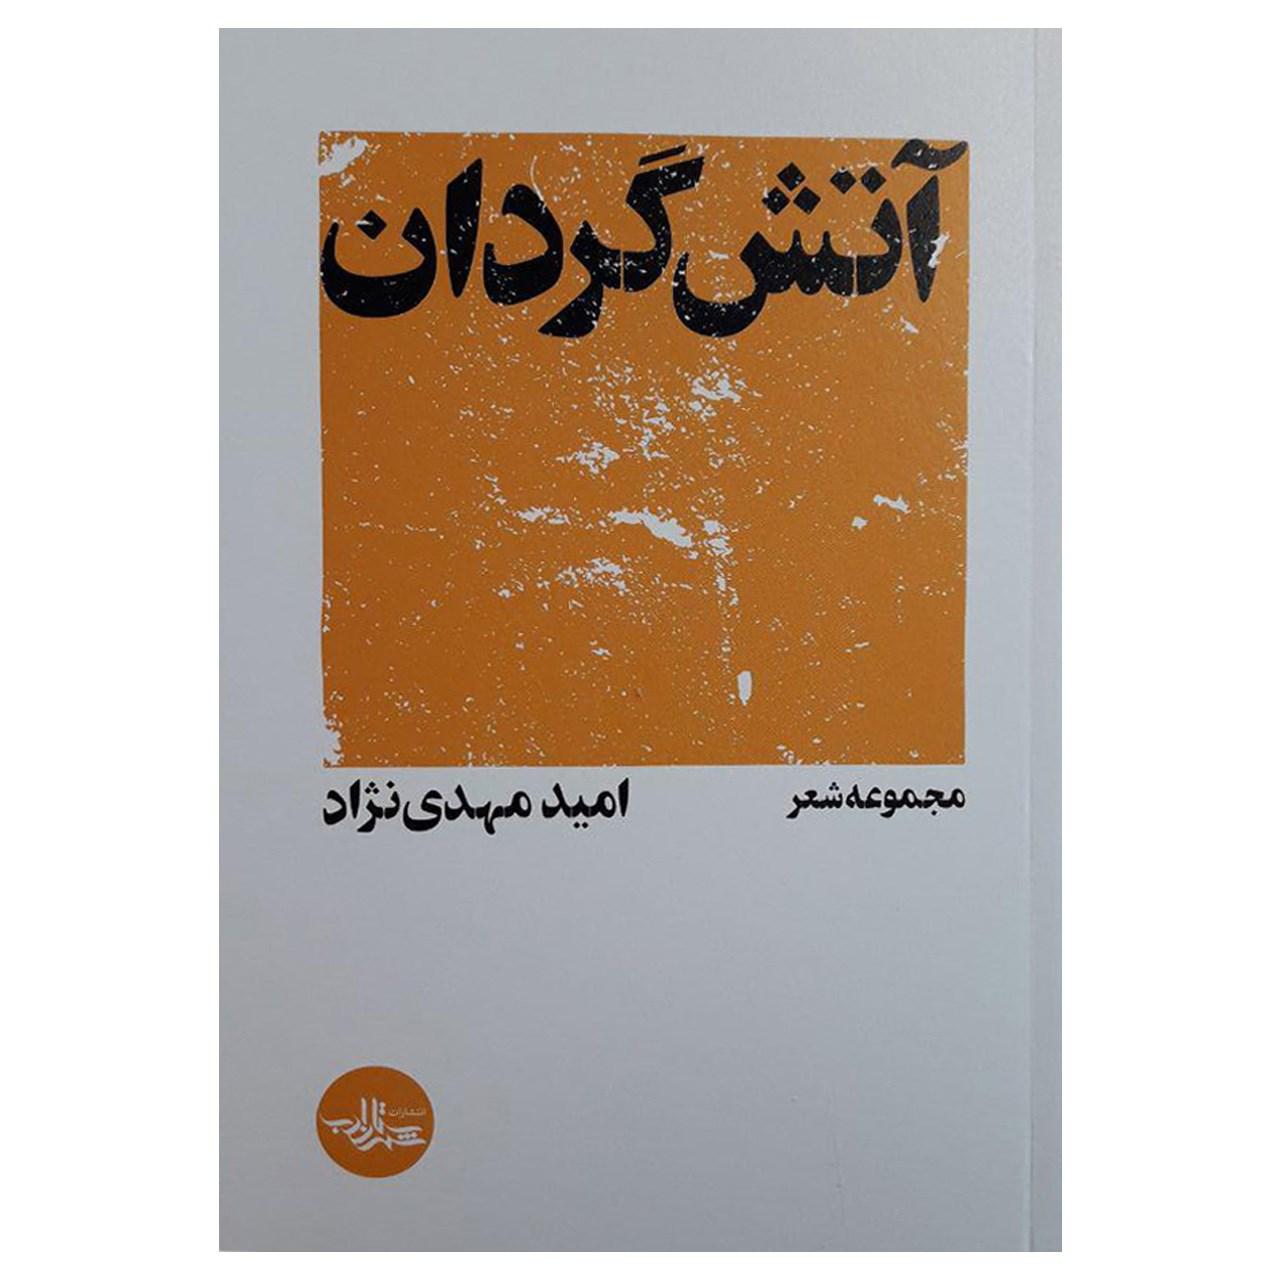 کتاب آتش گردان اثر امید مهدی نژاد